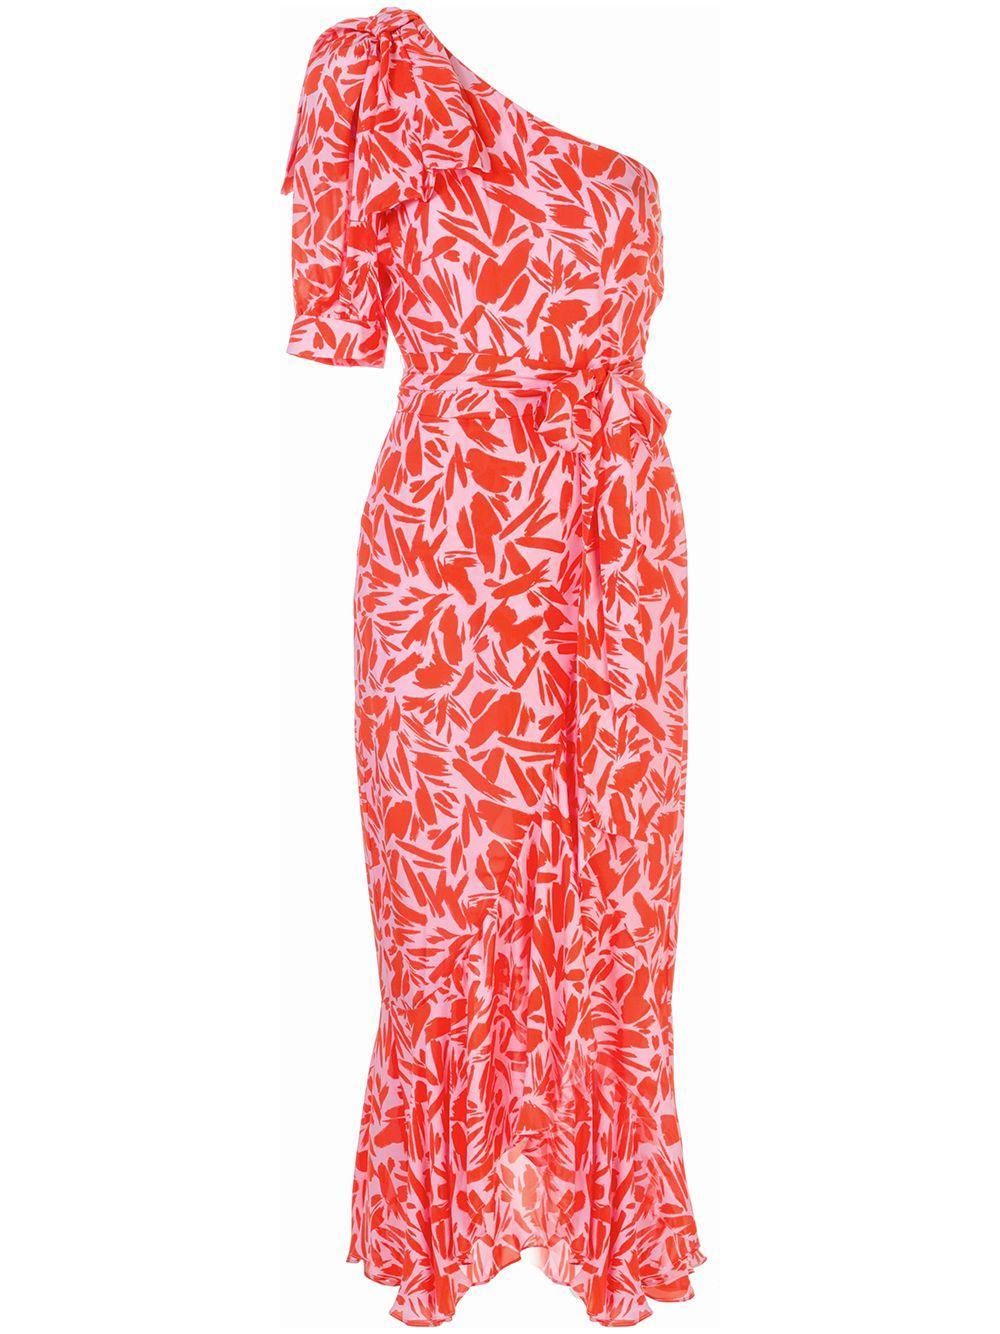 Vie Dress Item # 2002GGT122838